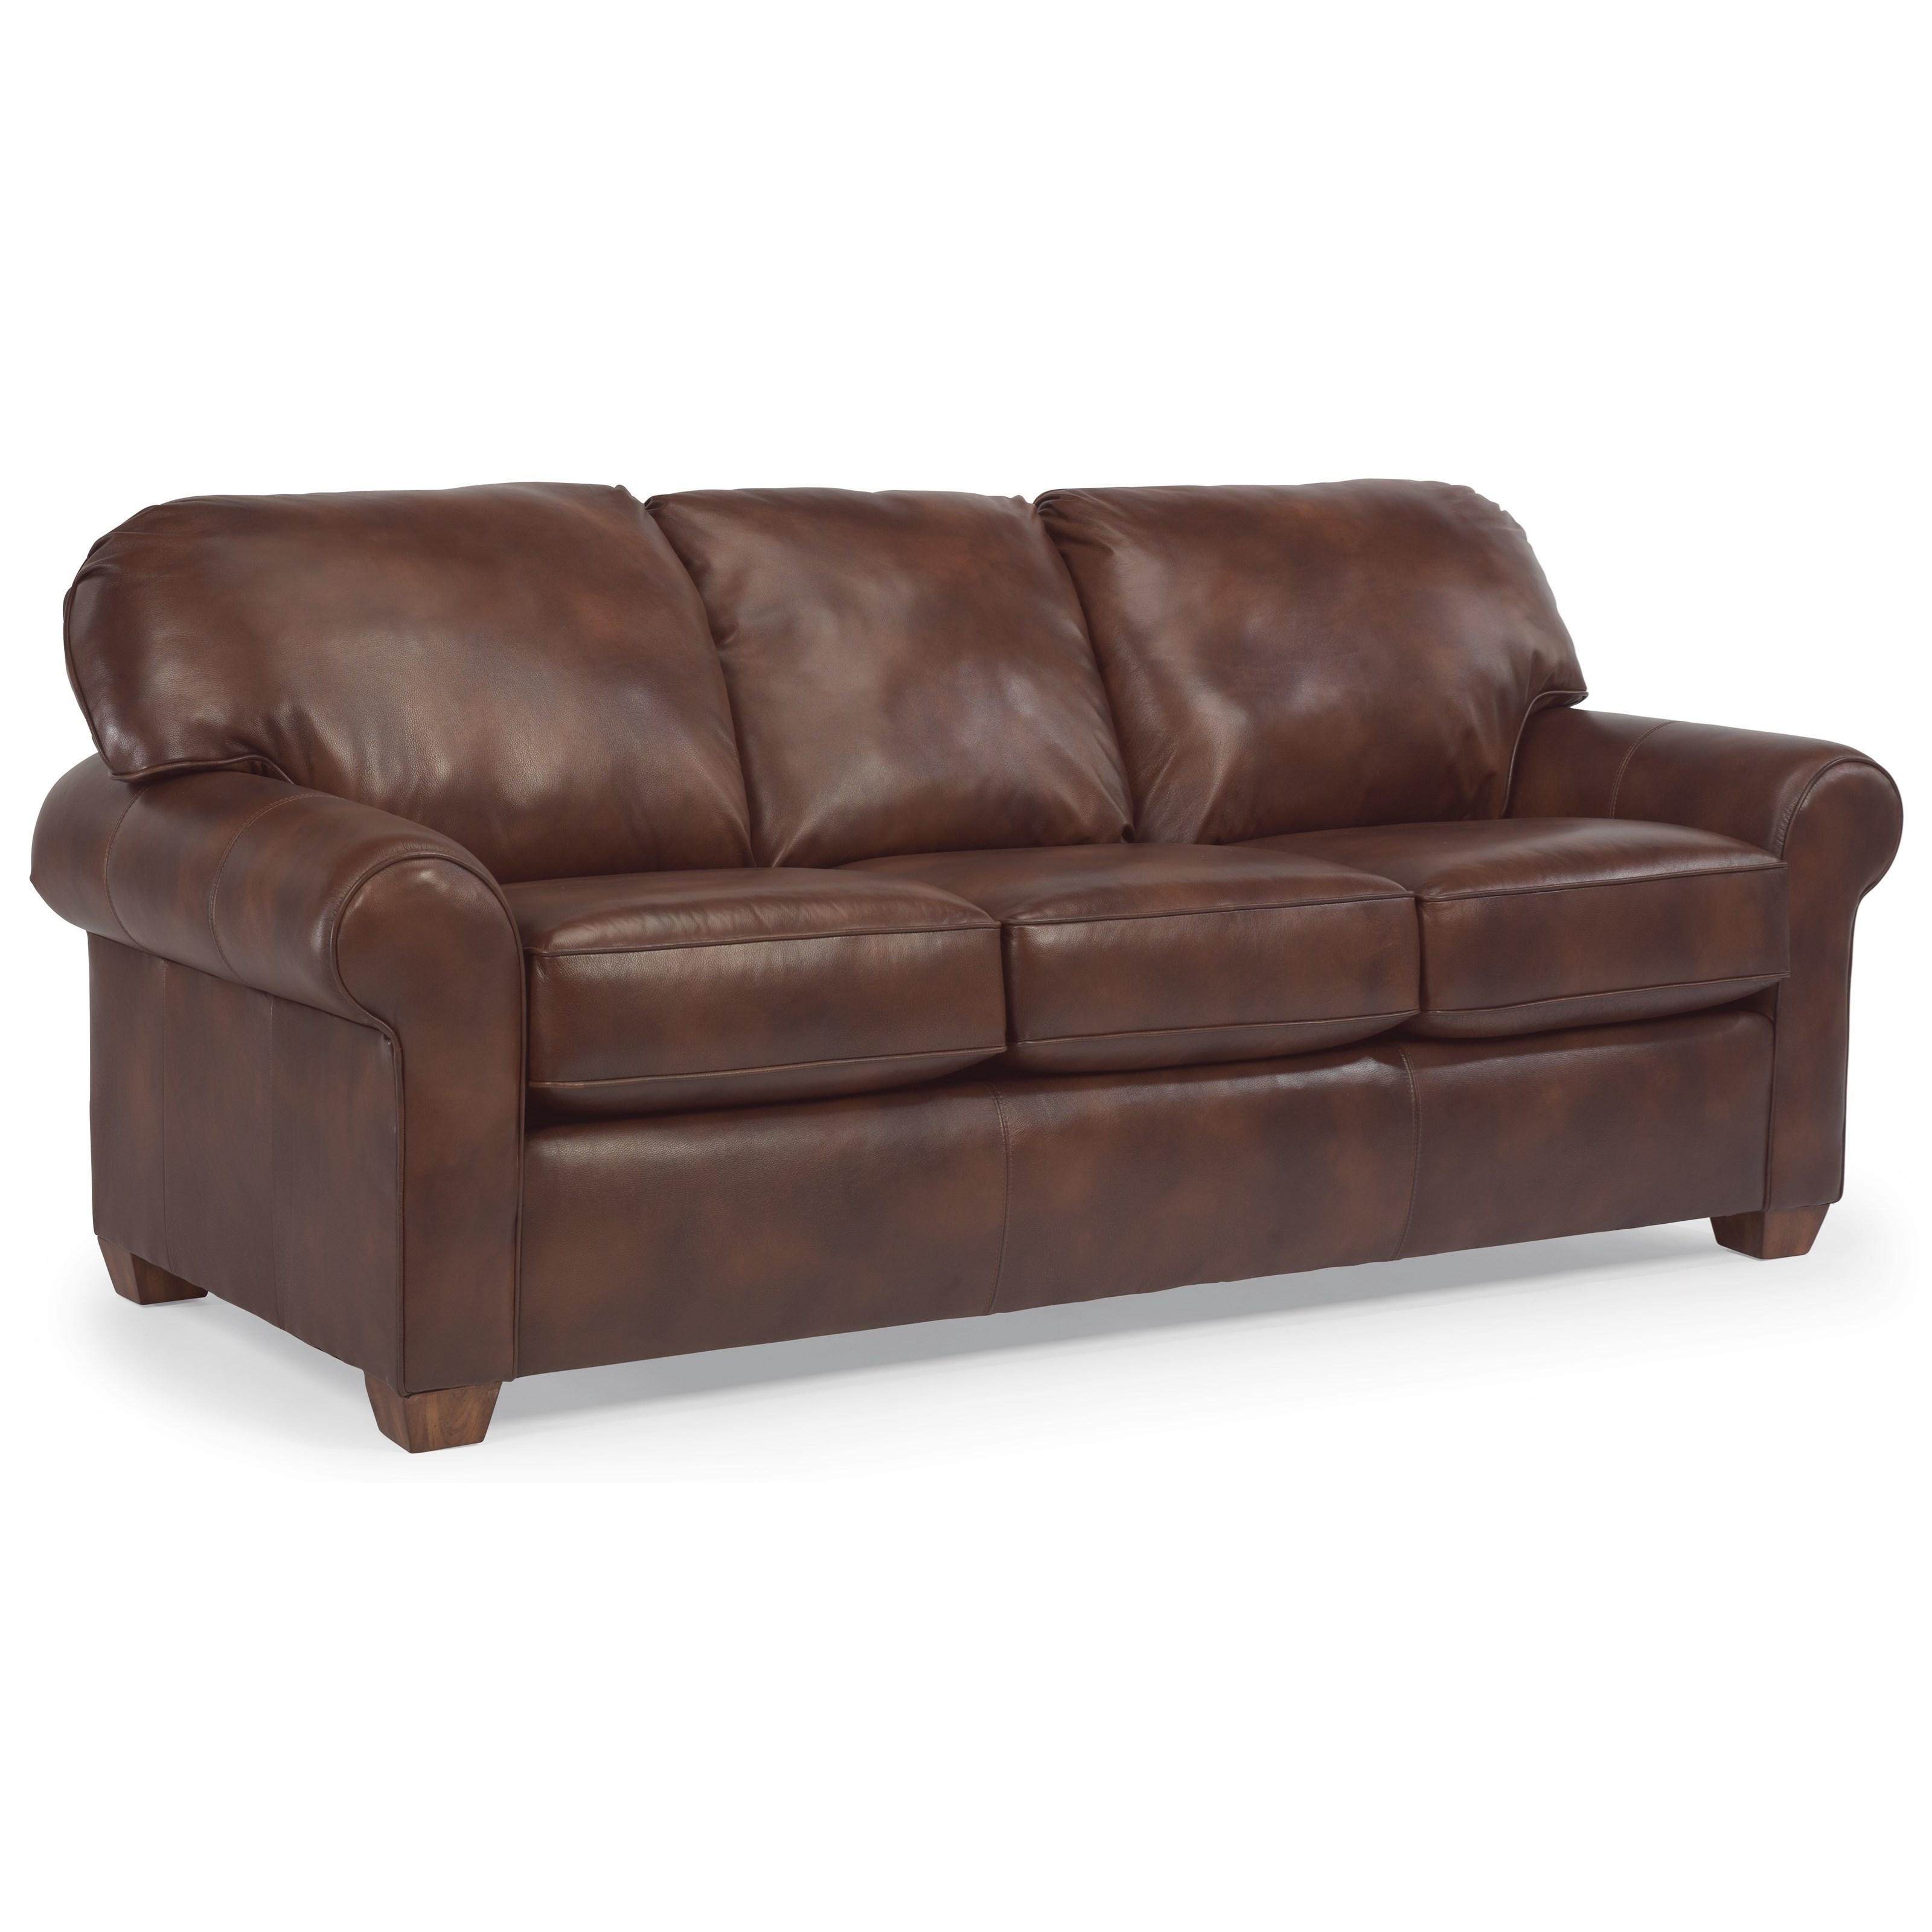 Flexsteel Furniture Uk: Flexsteel Thornton 3535-44 Queen Sleeper Sofa